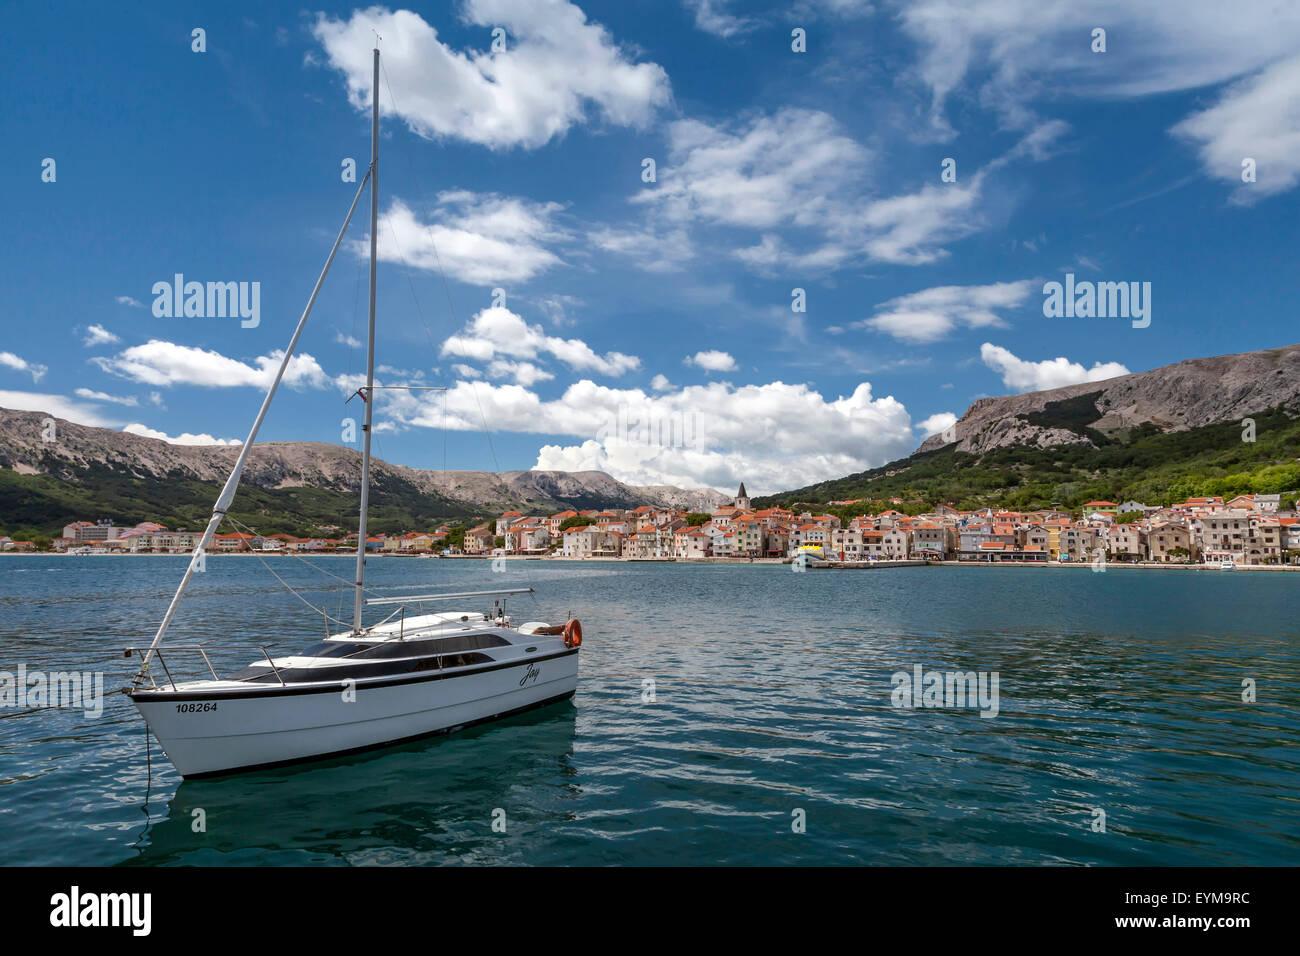 Bucht von Baska, Insel Krk, Kroatien mit Segelboot - Stock Image